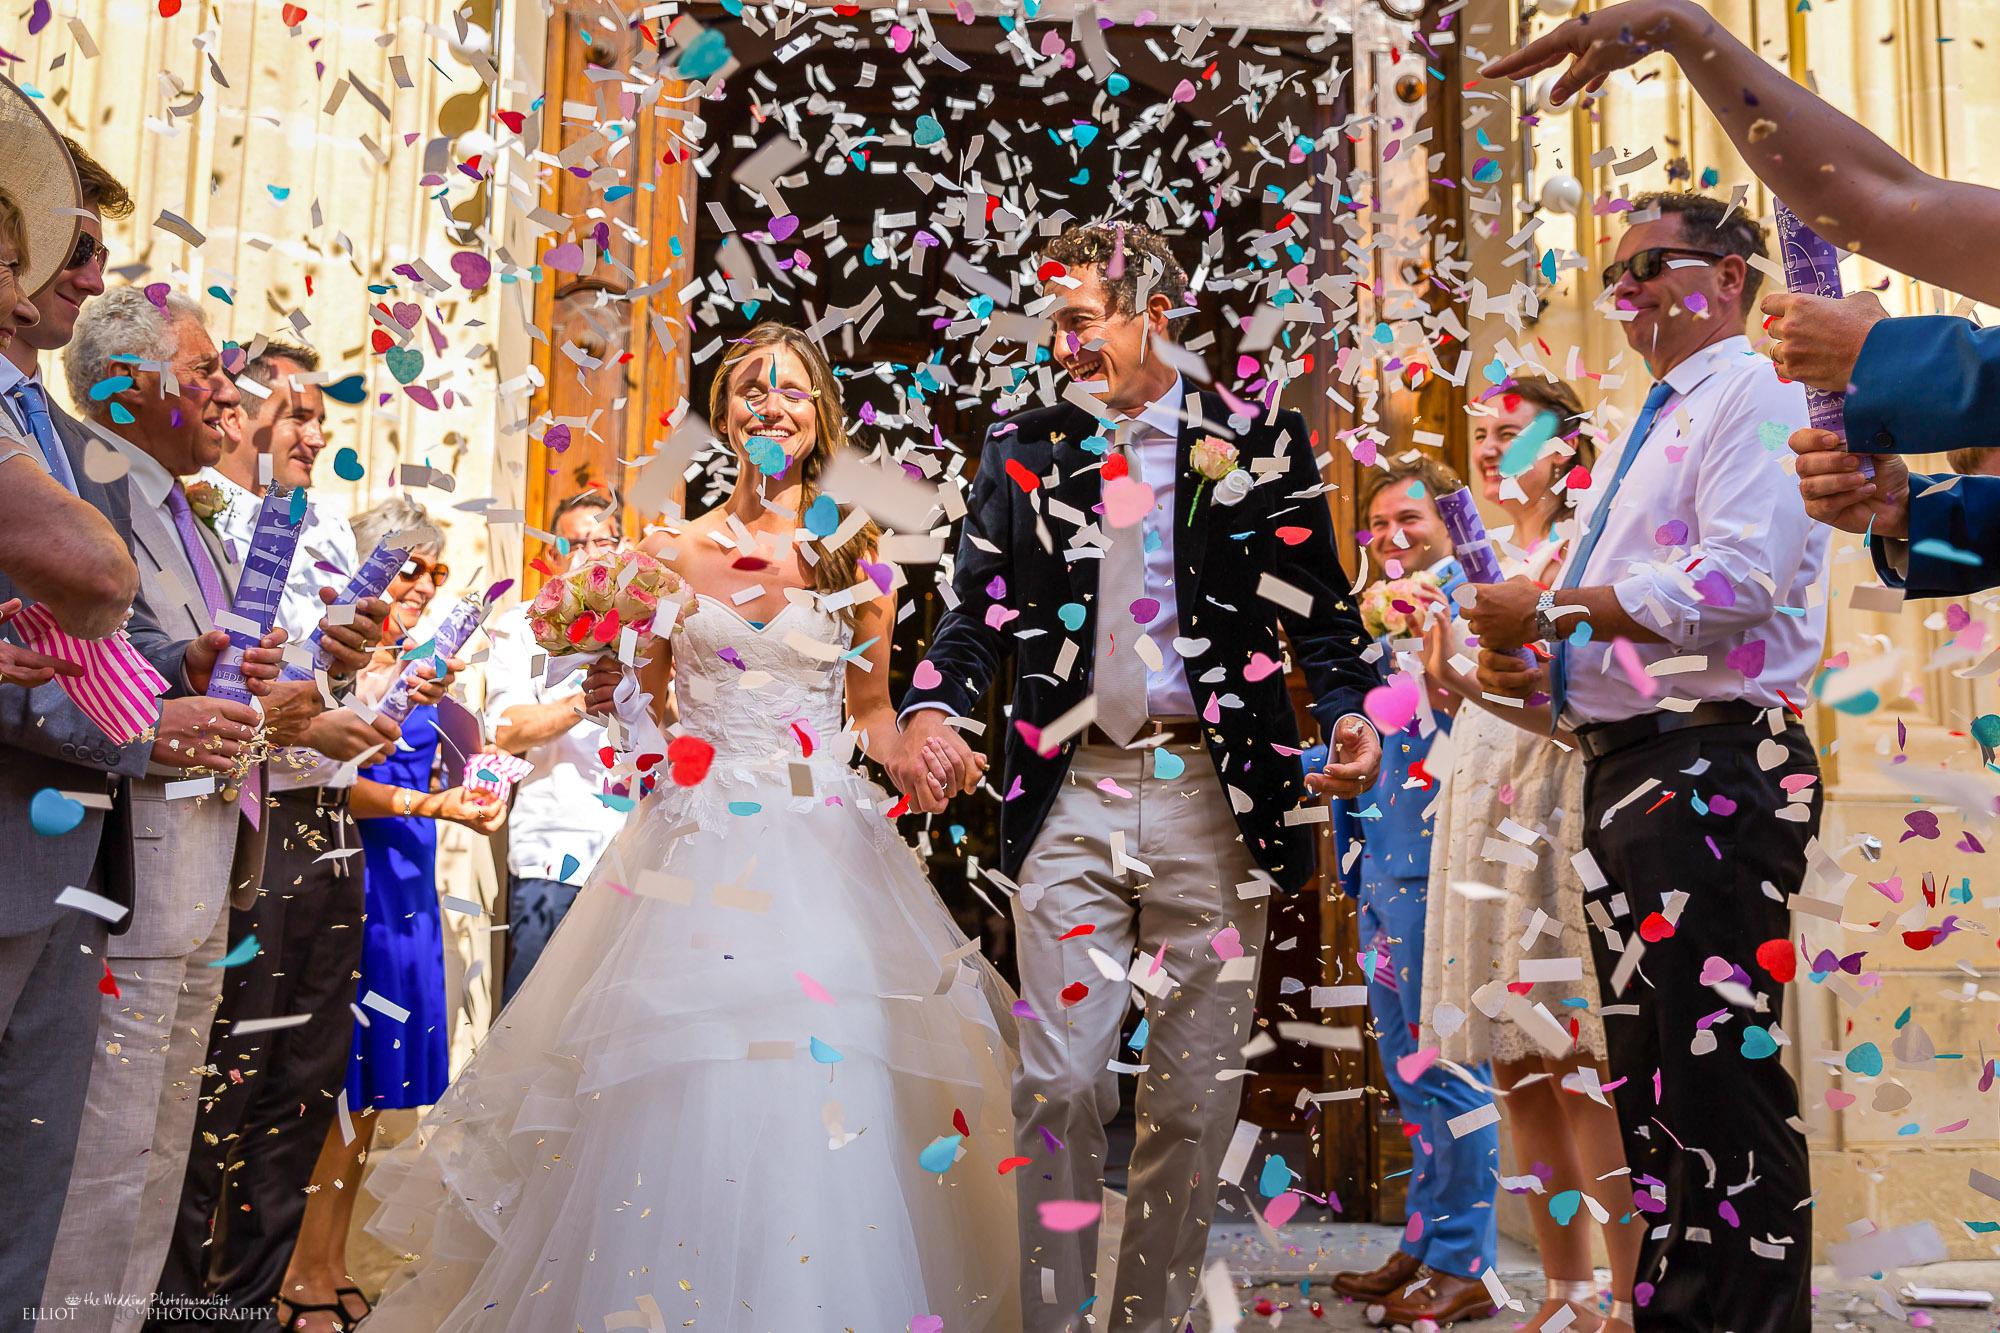 confetti-wedding-church-bride-groom-photography